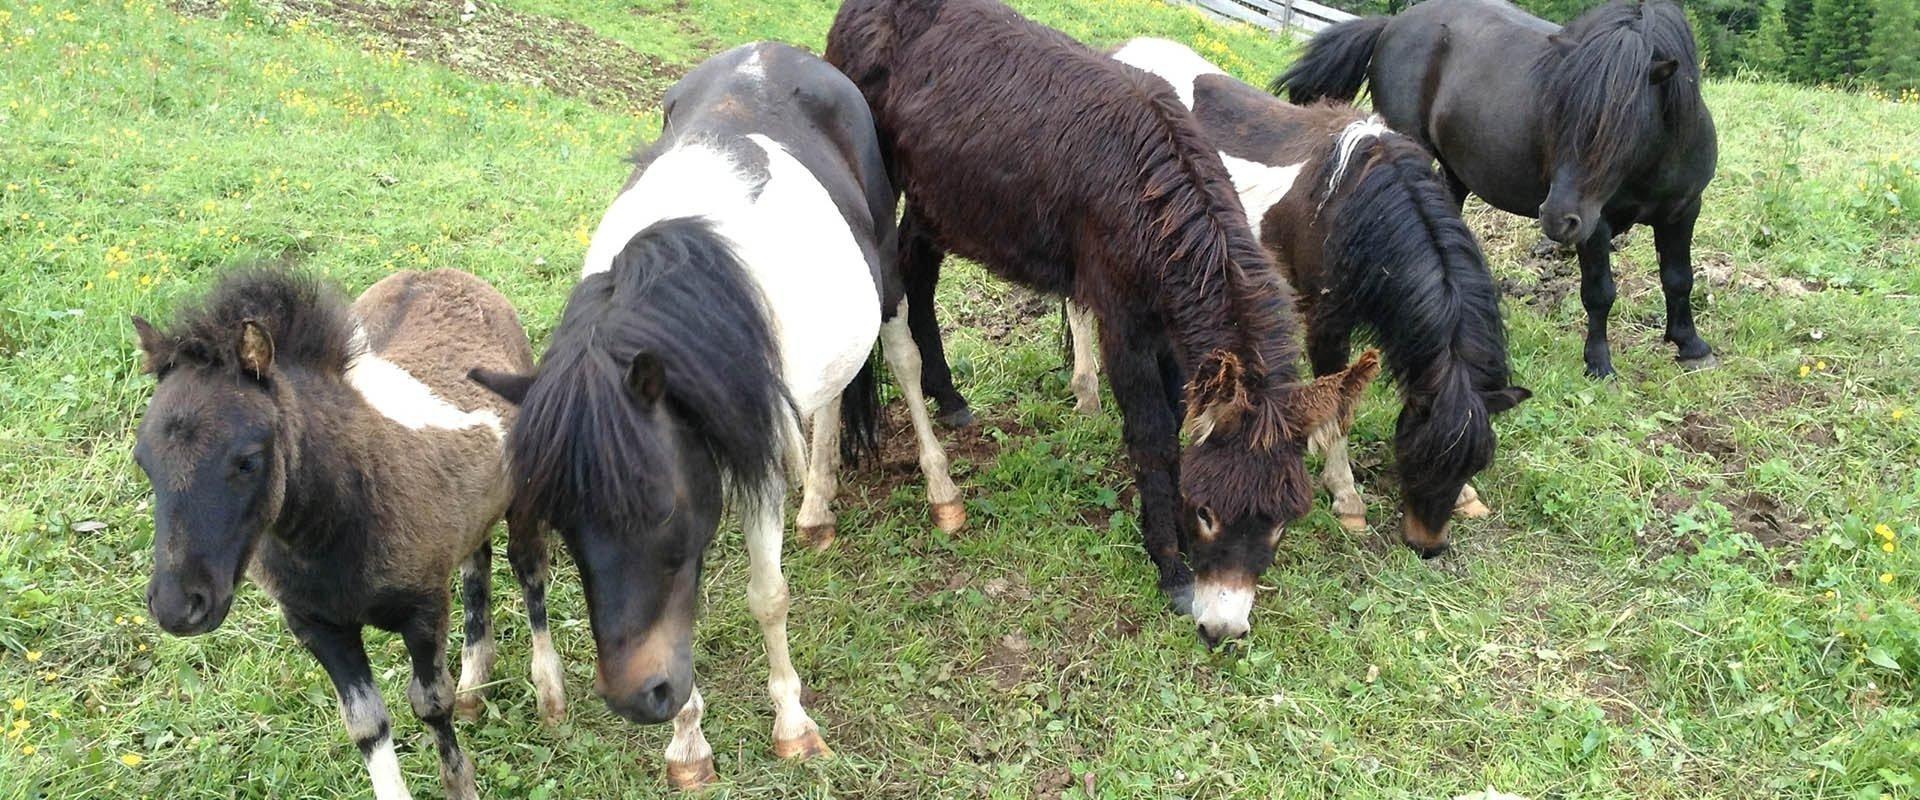 Kinderferien & Tiere auf dem Bauernhof im Schlerngebiet – Südtirol